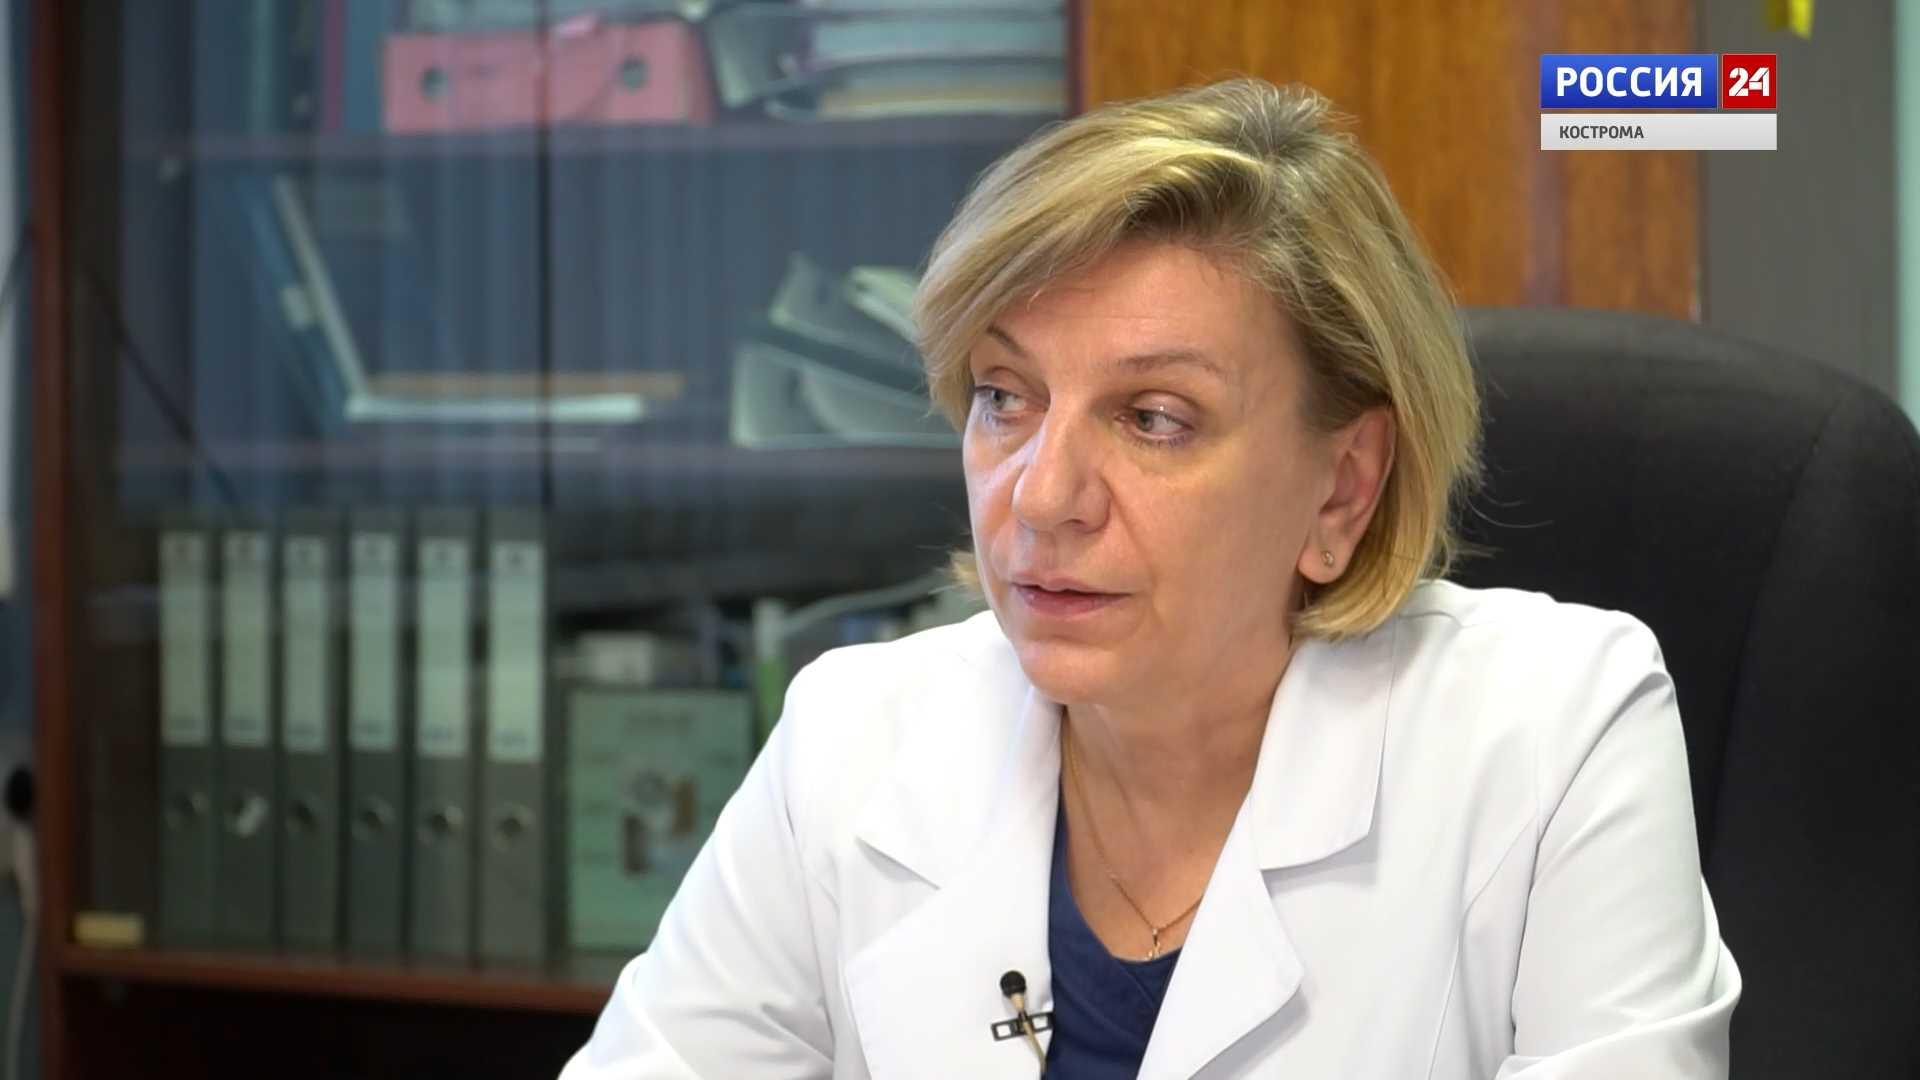 Юлия Побединцева: «Если после Нового года придёт третья волна COVID-19, за это придётся заплатить очень дорого»